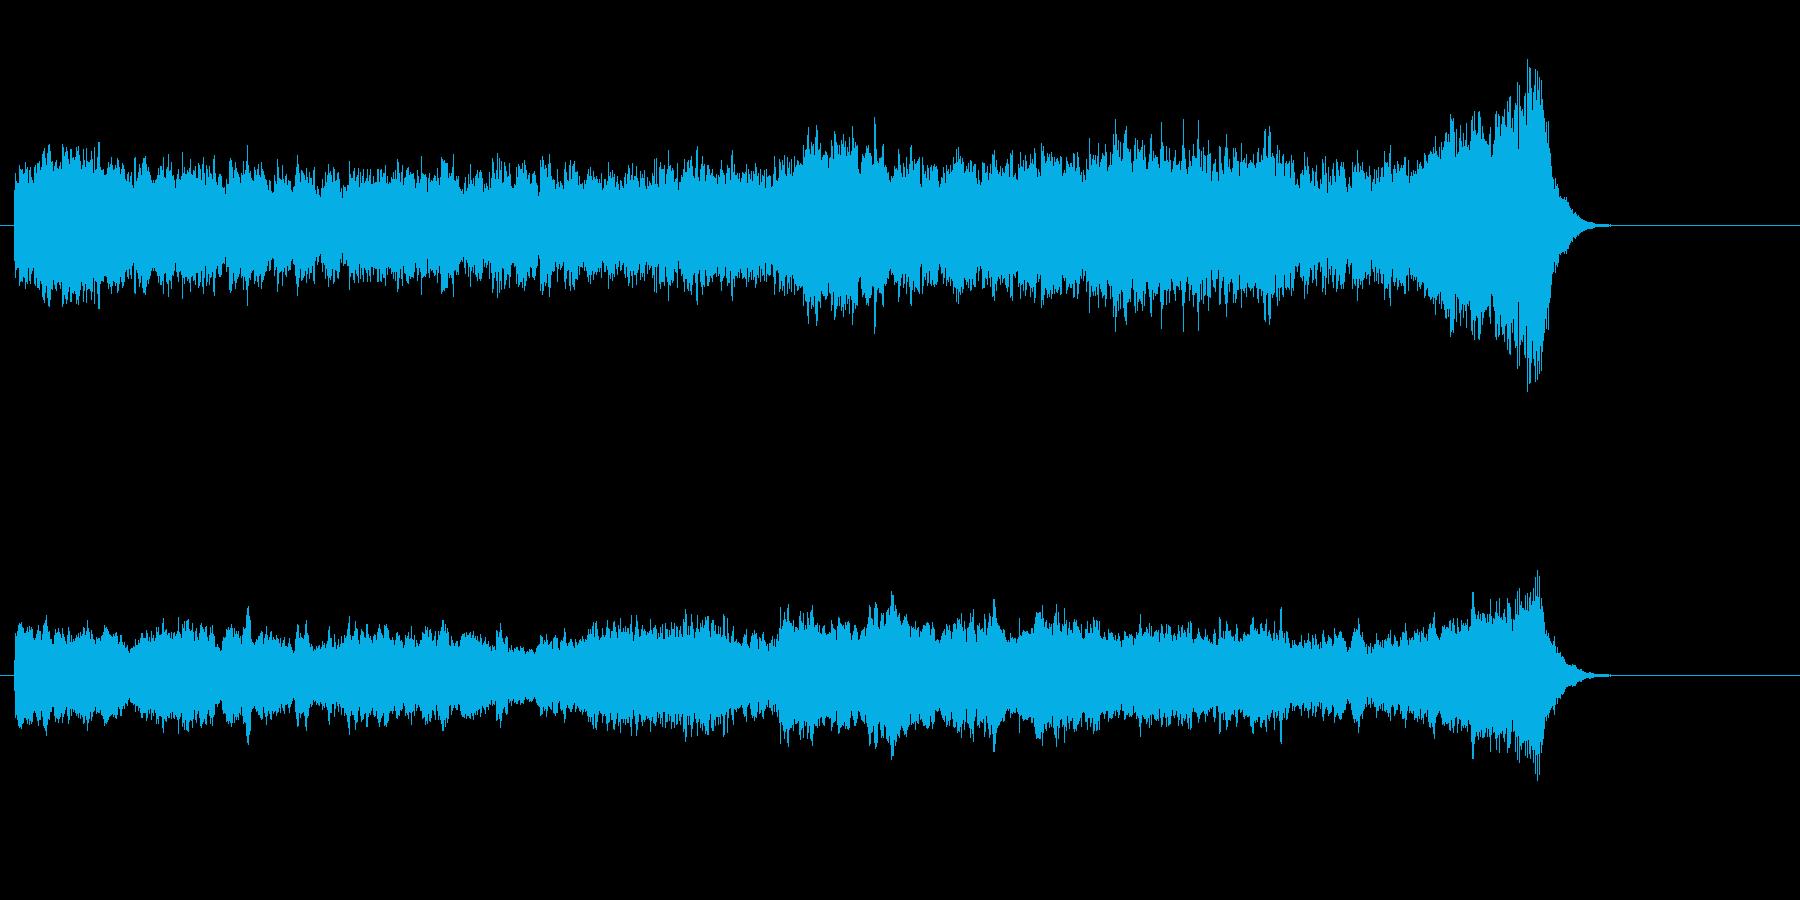 精神的ストレス解消ファンタジーサウンドの再生済みの波形